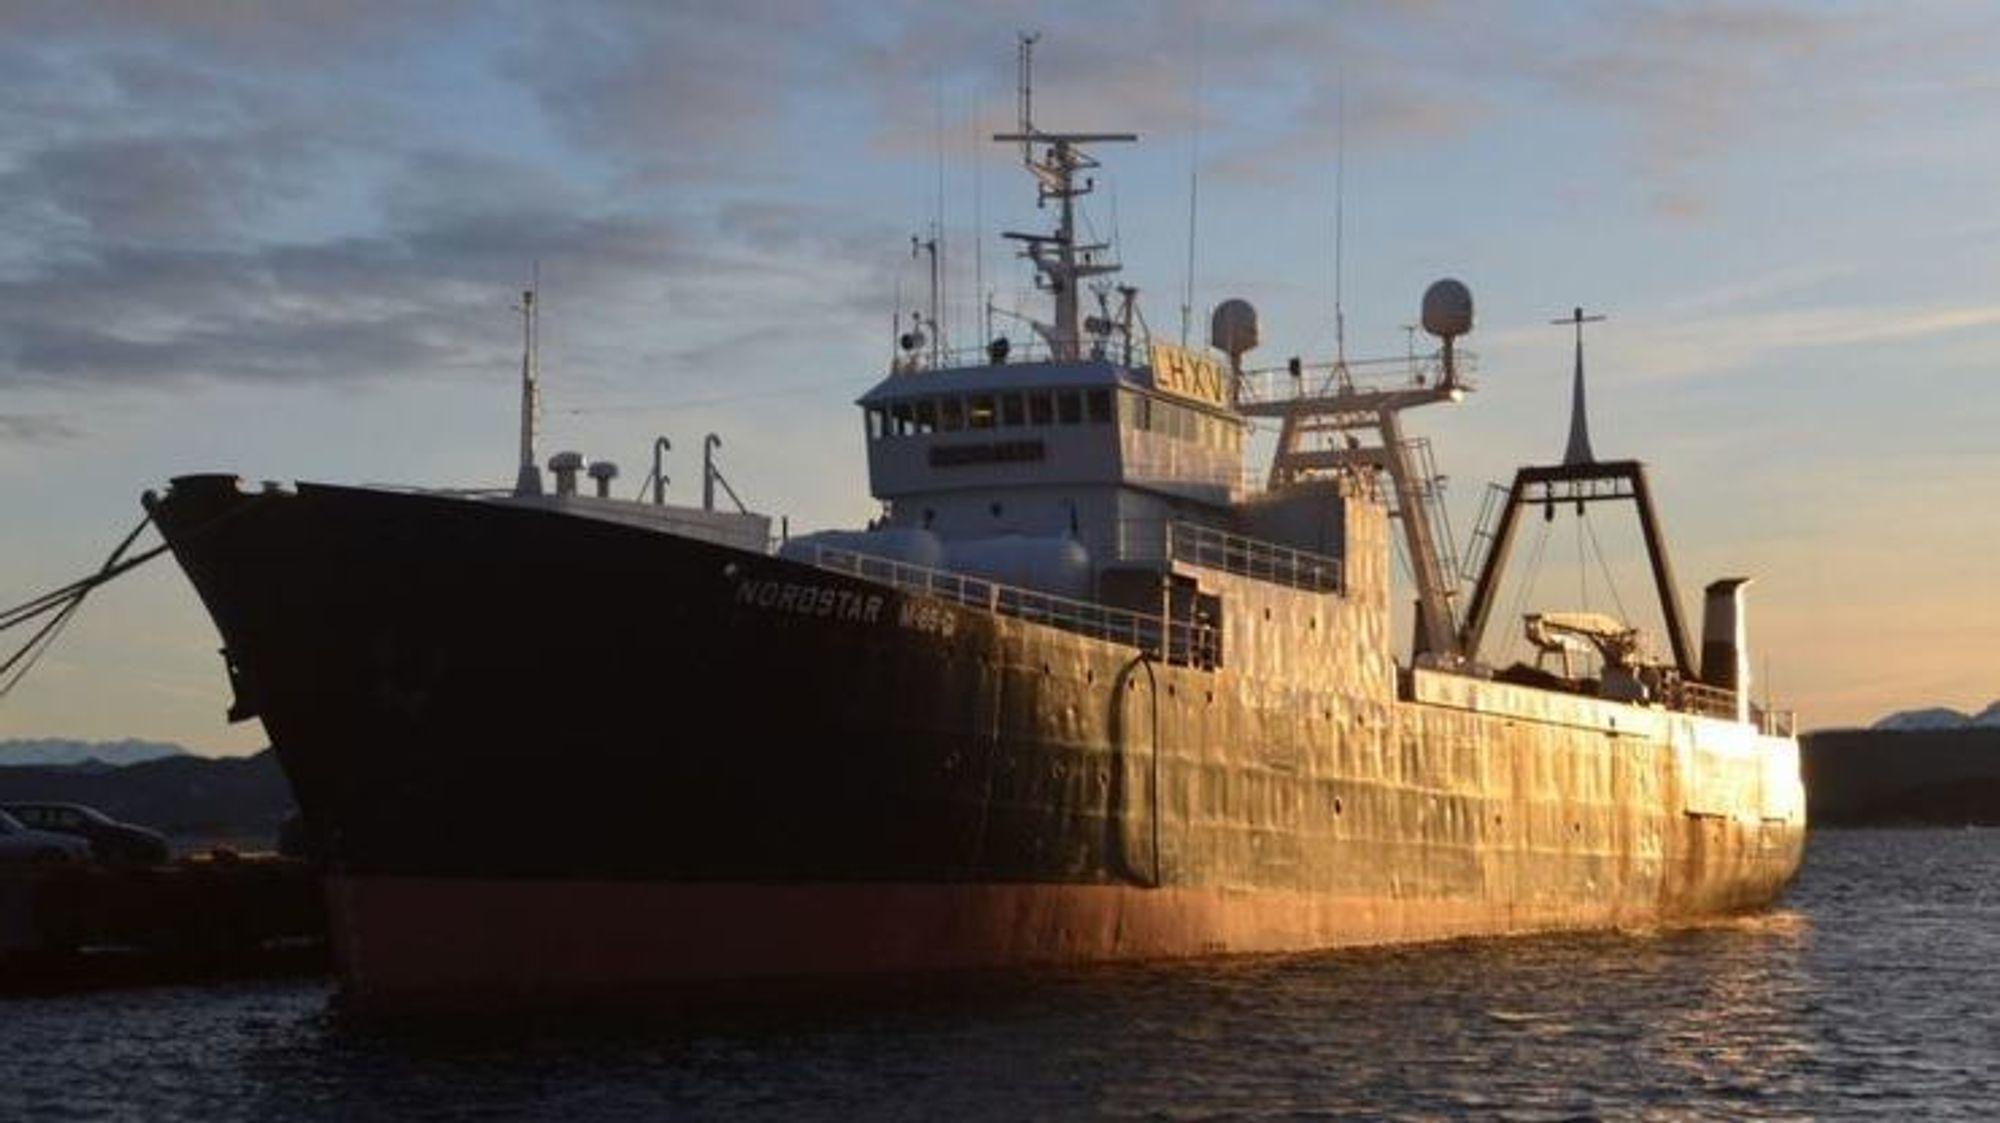 Rederiet Nordnes må møte i retten etter at en mann omkom i en ensilasjetank om bord i fartøyet.